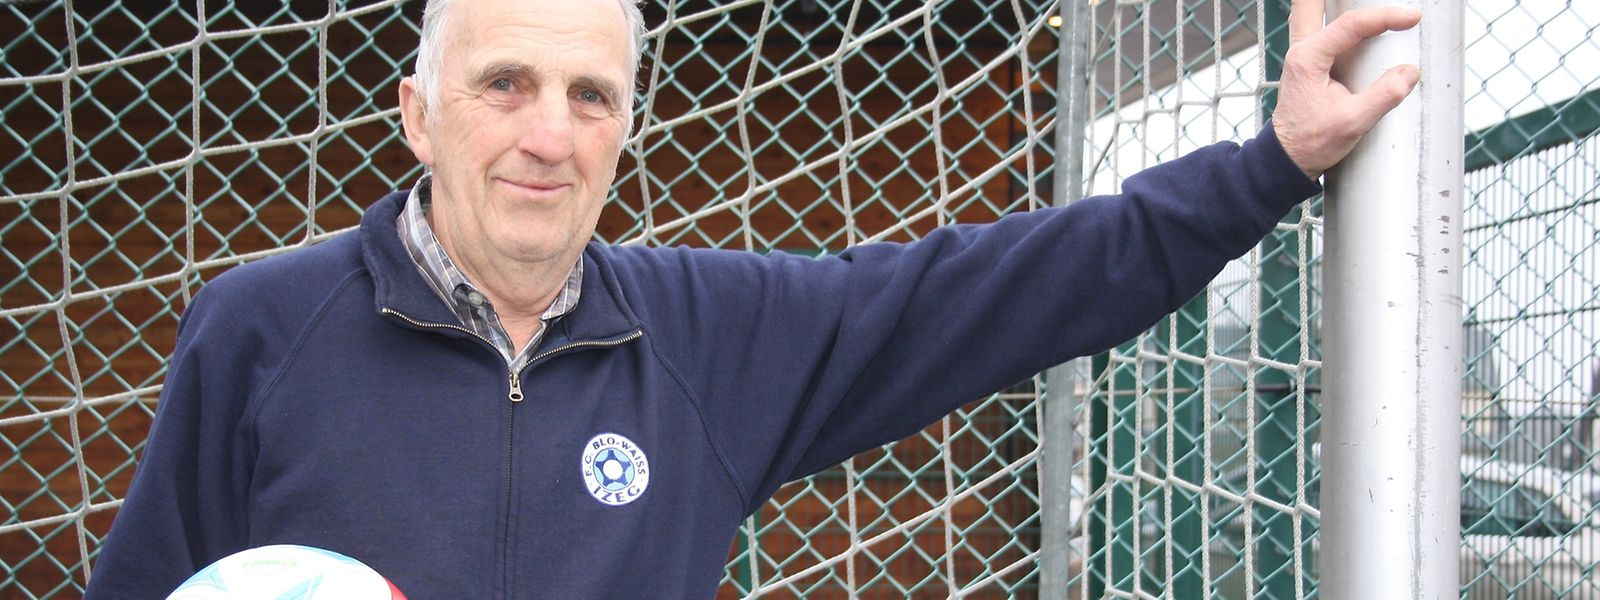 Gérard Lanter posiert nicht gerne: Ich habe ja meine Torwarthandschuhe nicht mehr.